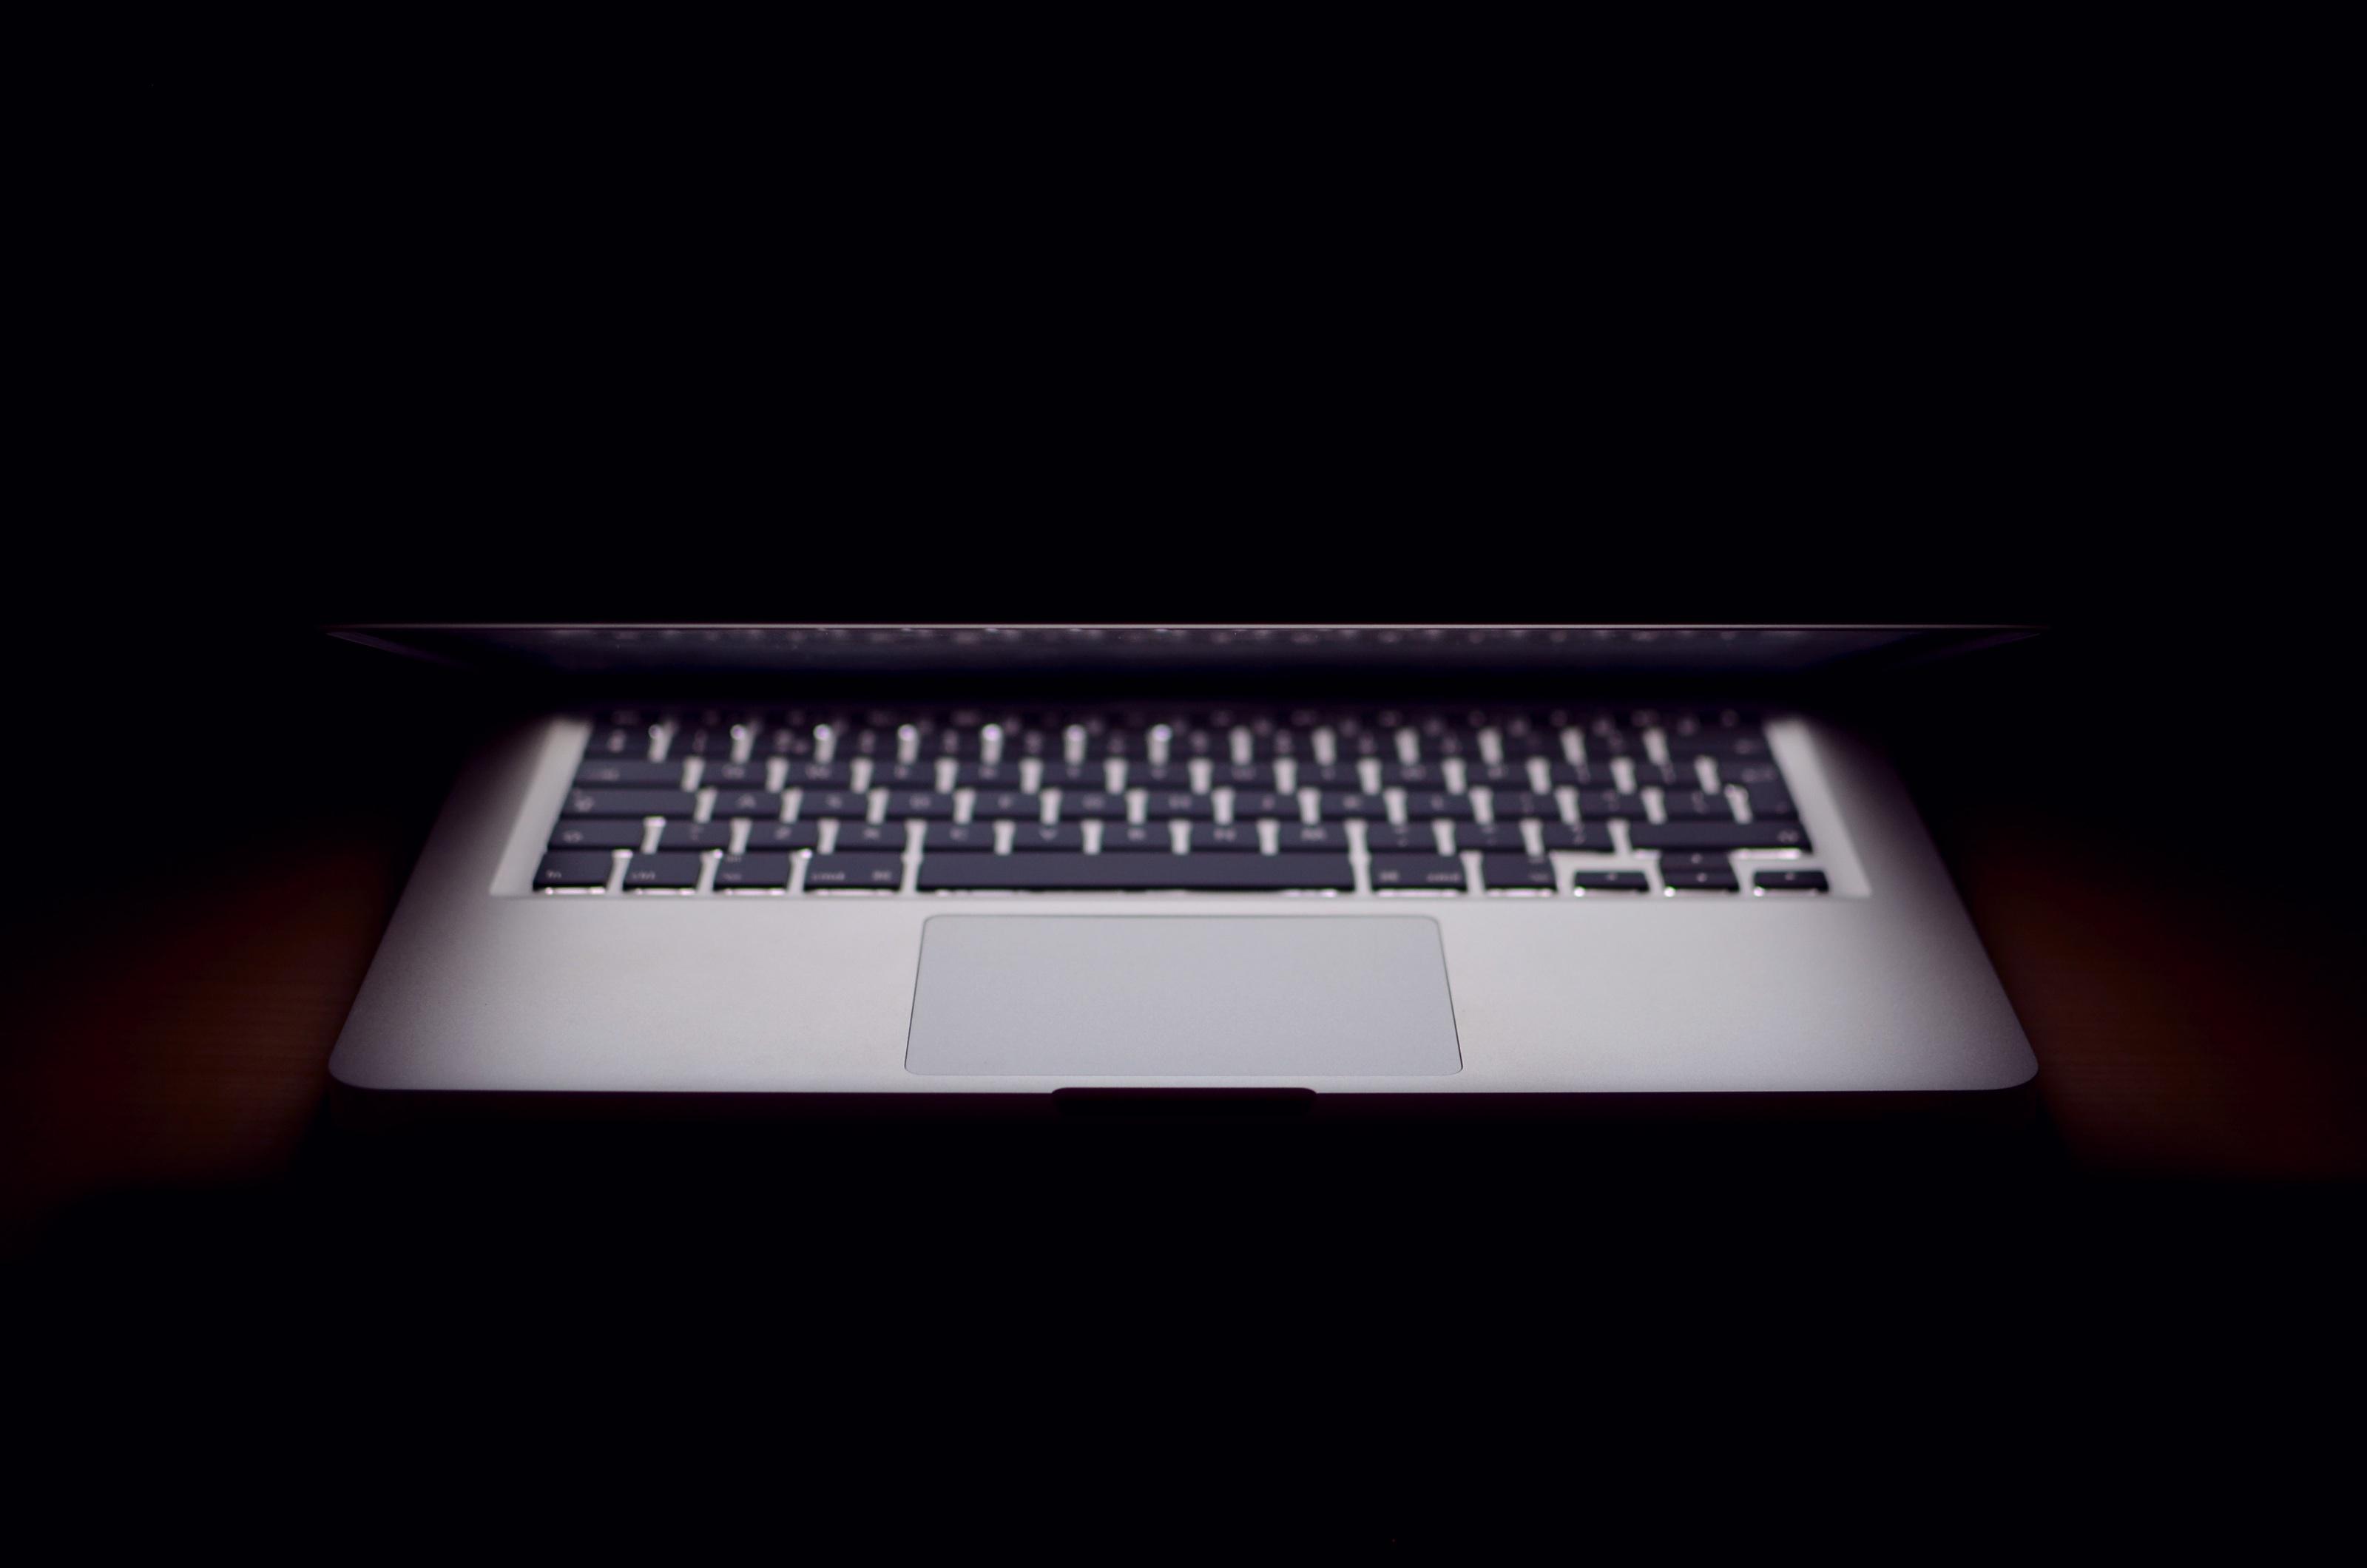 half-opened-macbook-laptop